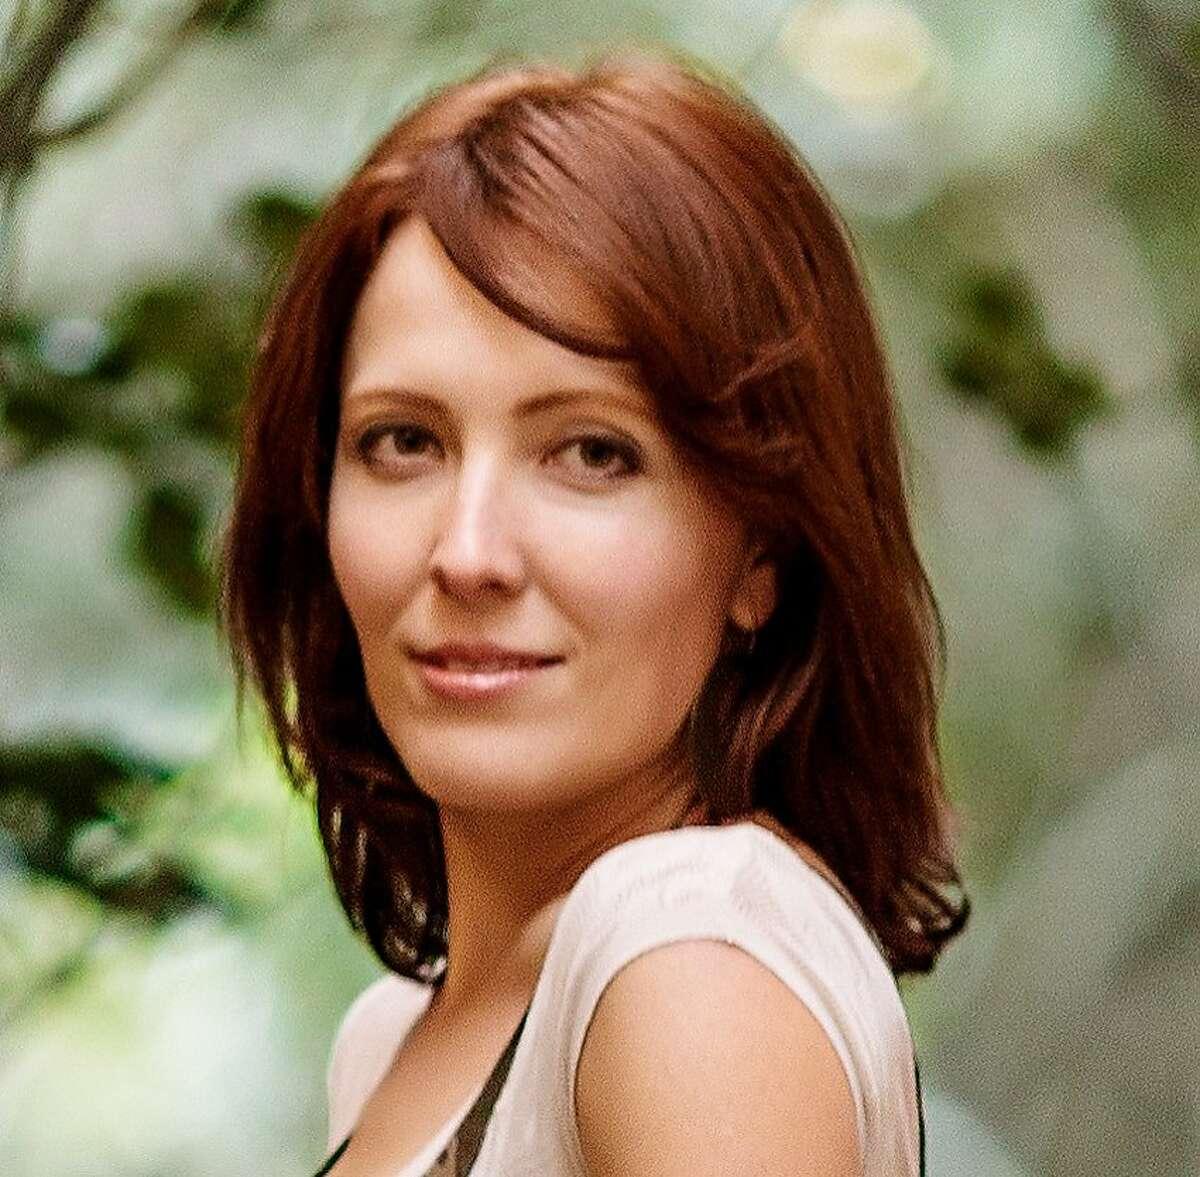 Julia Bernardini